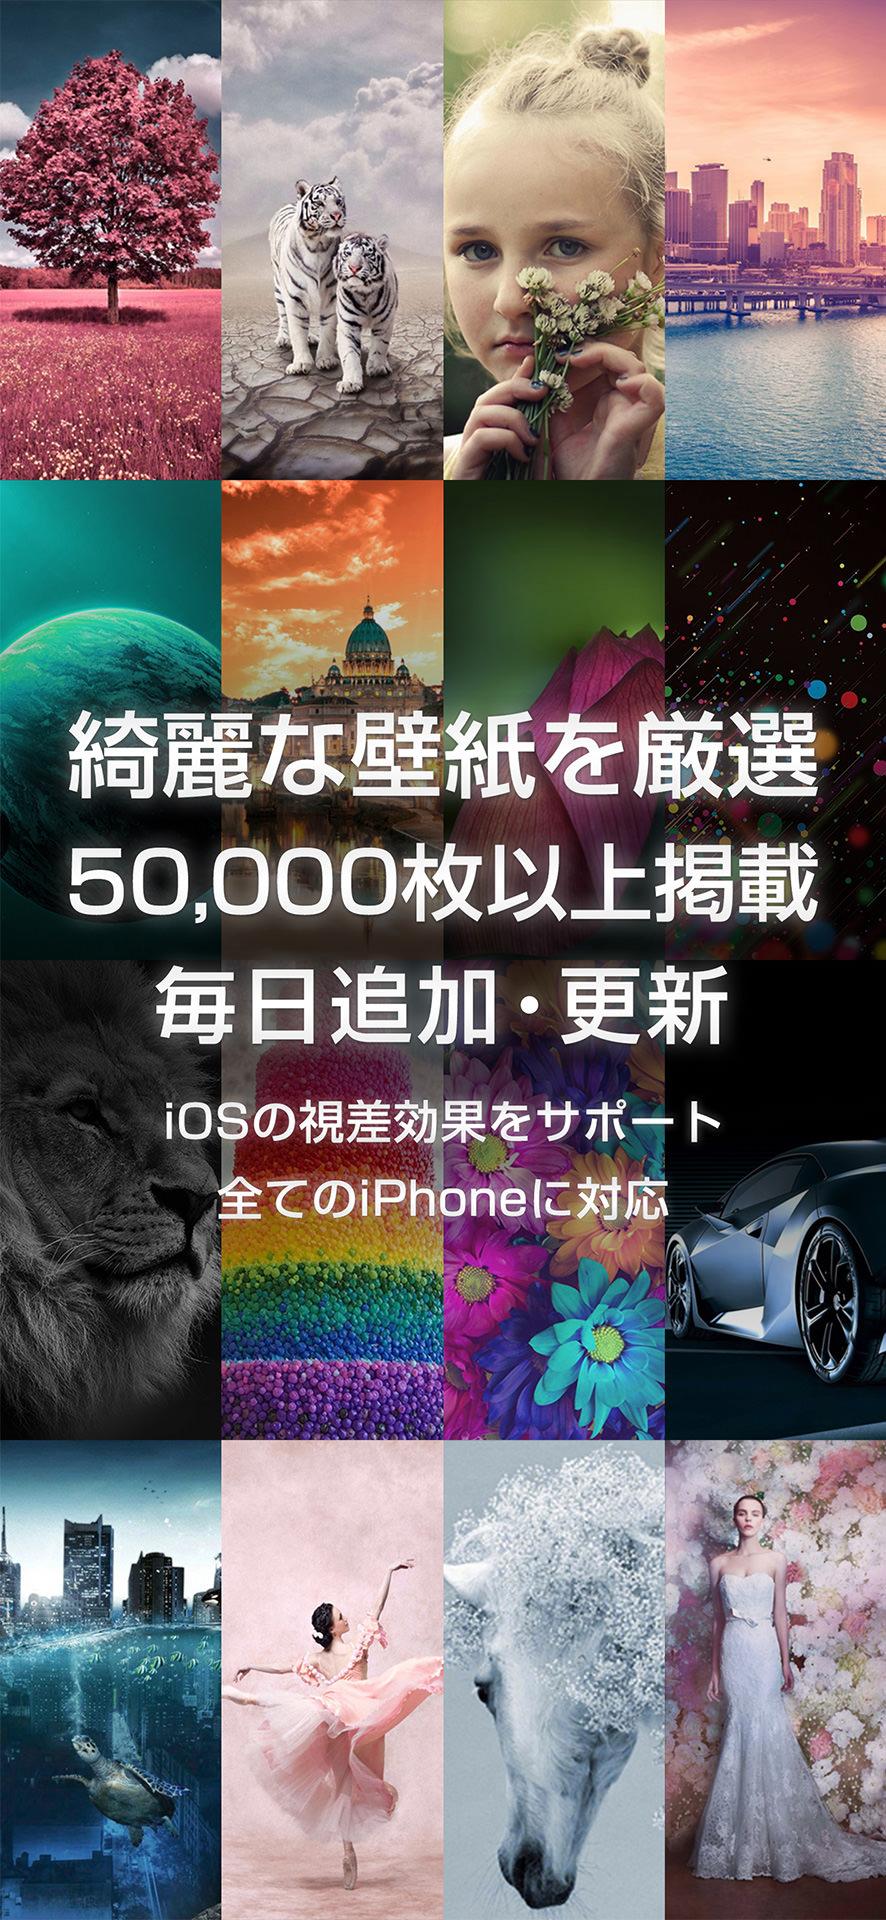 綺麗な壁紙 50 000枚以上無料 Iphone Ipodアプリ Dolice